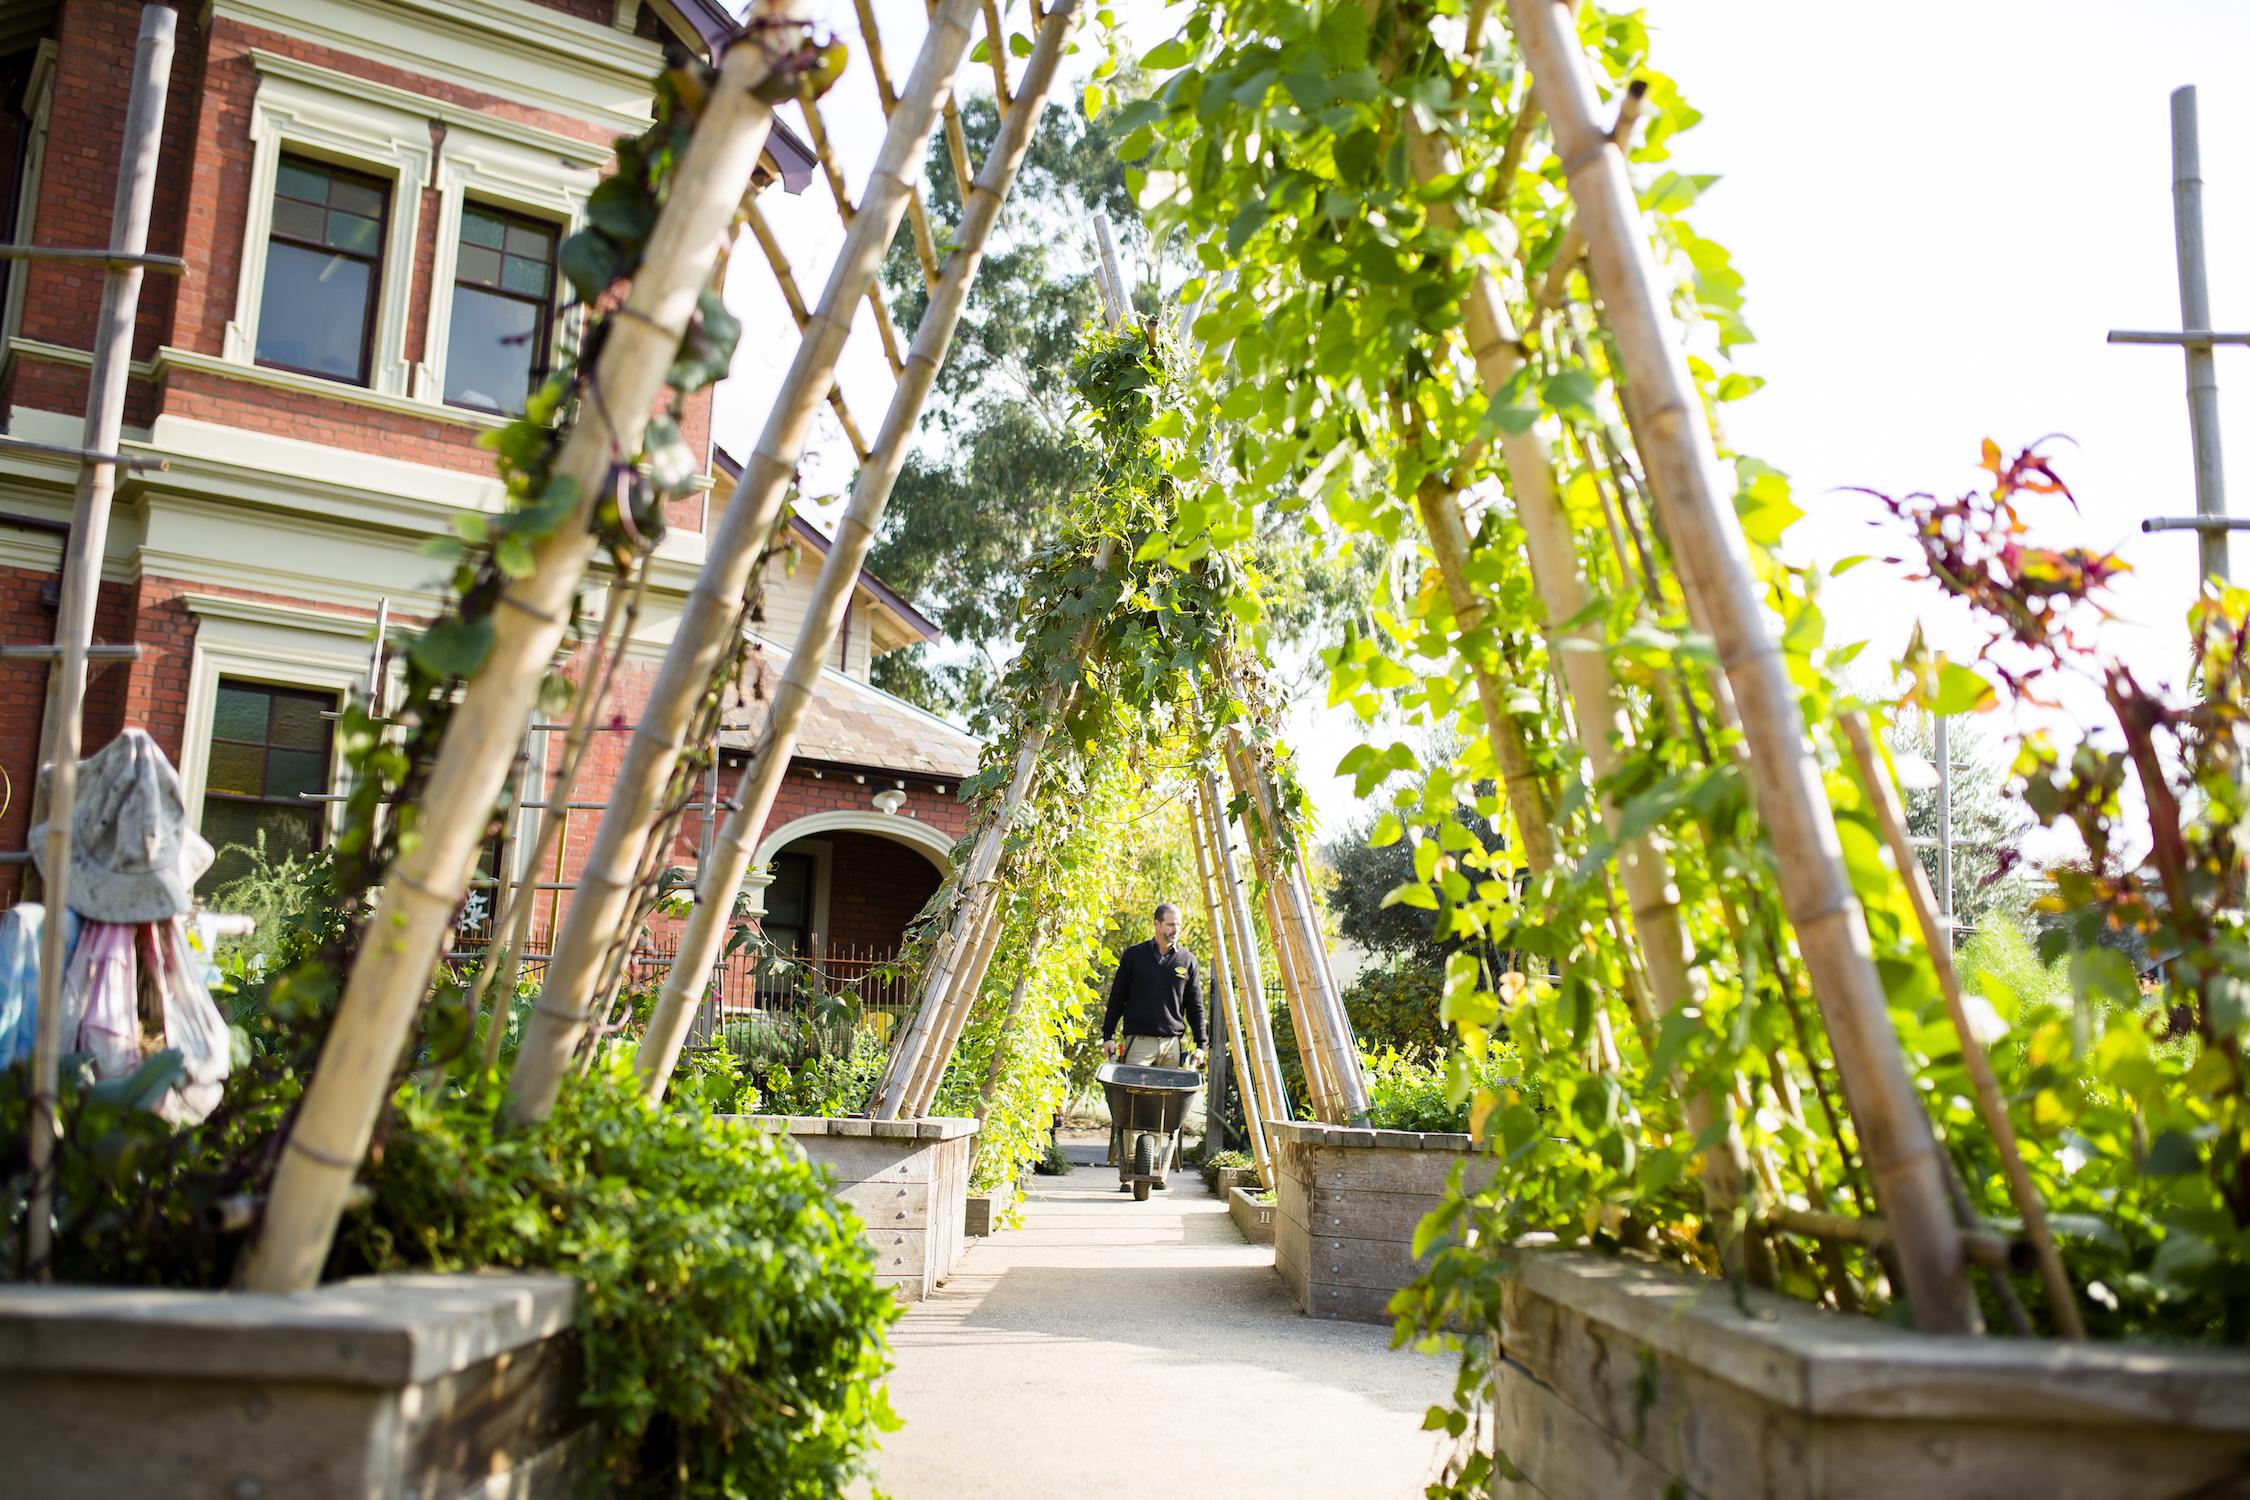 The Ian Potter Foundation Children's Garden